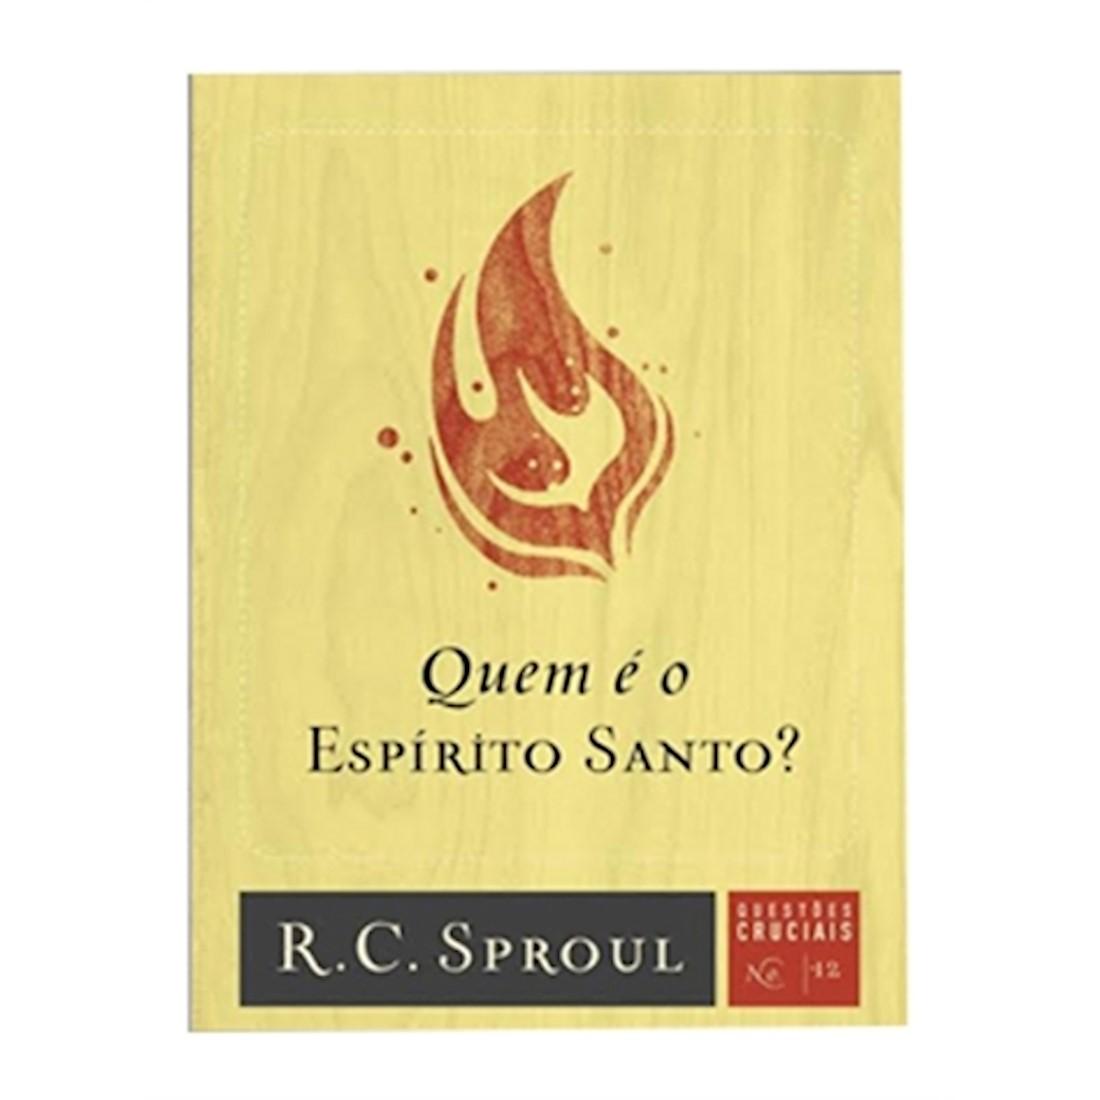 Livro Série Questões Cruciais - Quem é o Espirito Santo? - N° 12